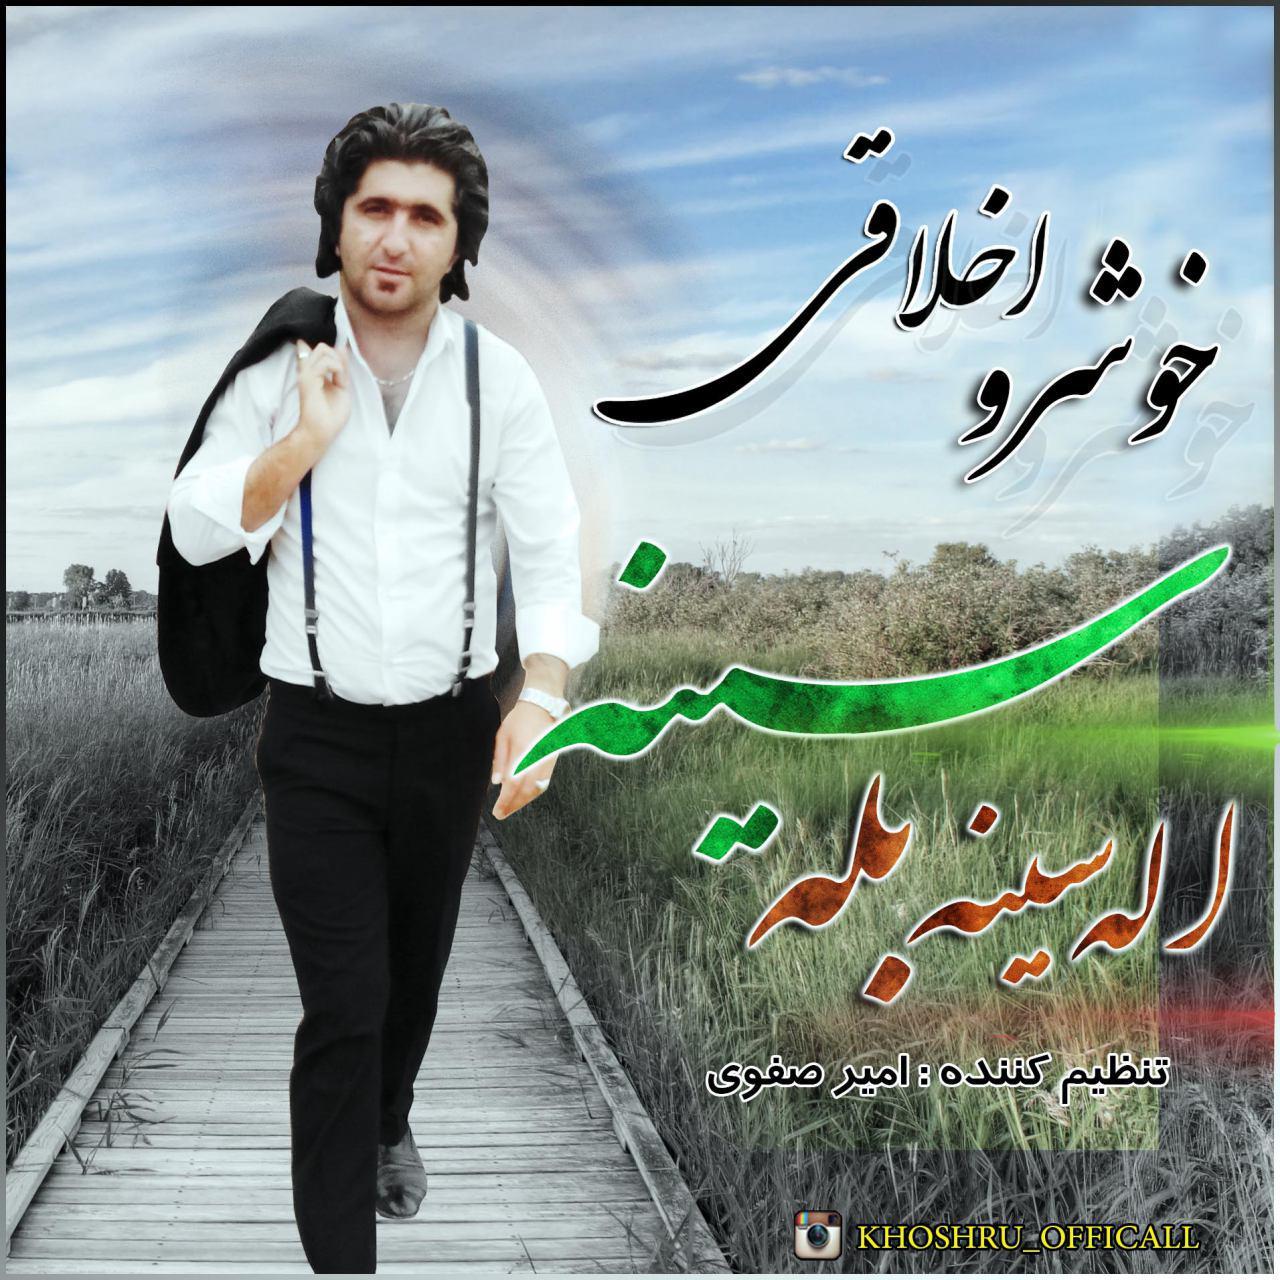 http://s9.picofile.com/file/8335239918/26Khoshrouz_Akhlaghi_Elasina_Belasina.jpg